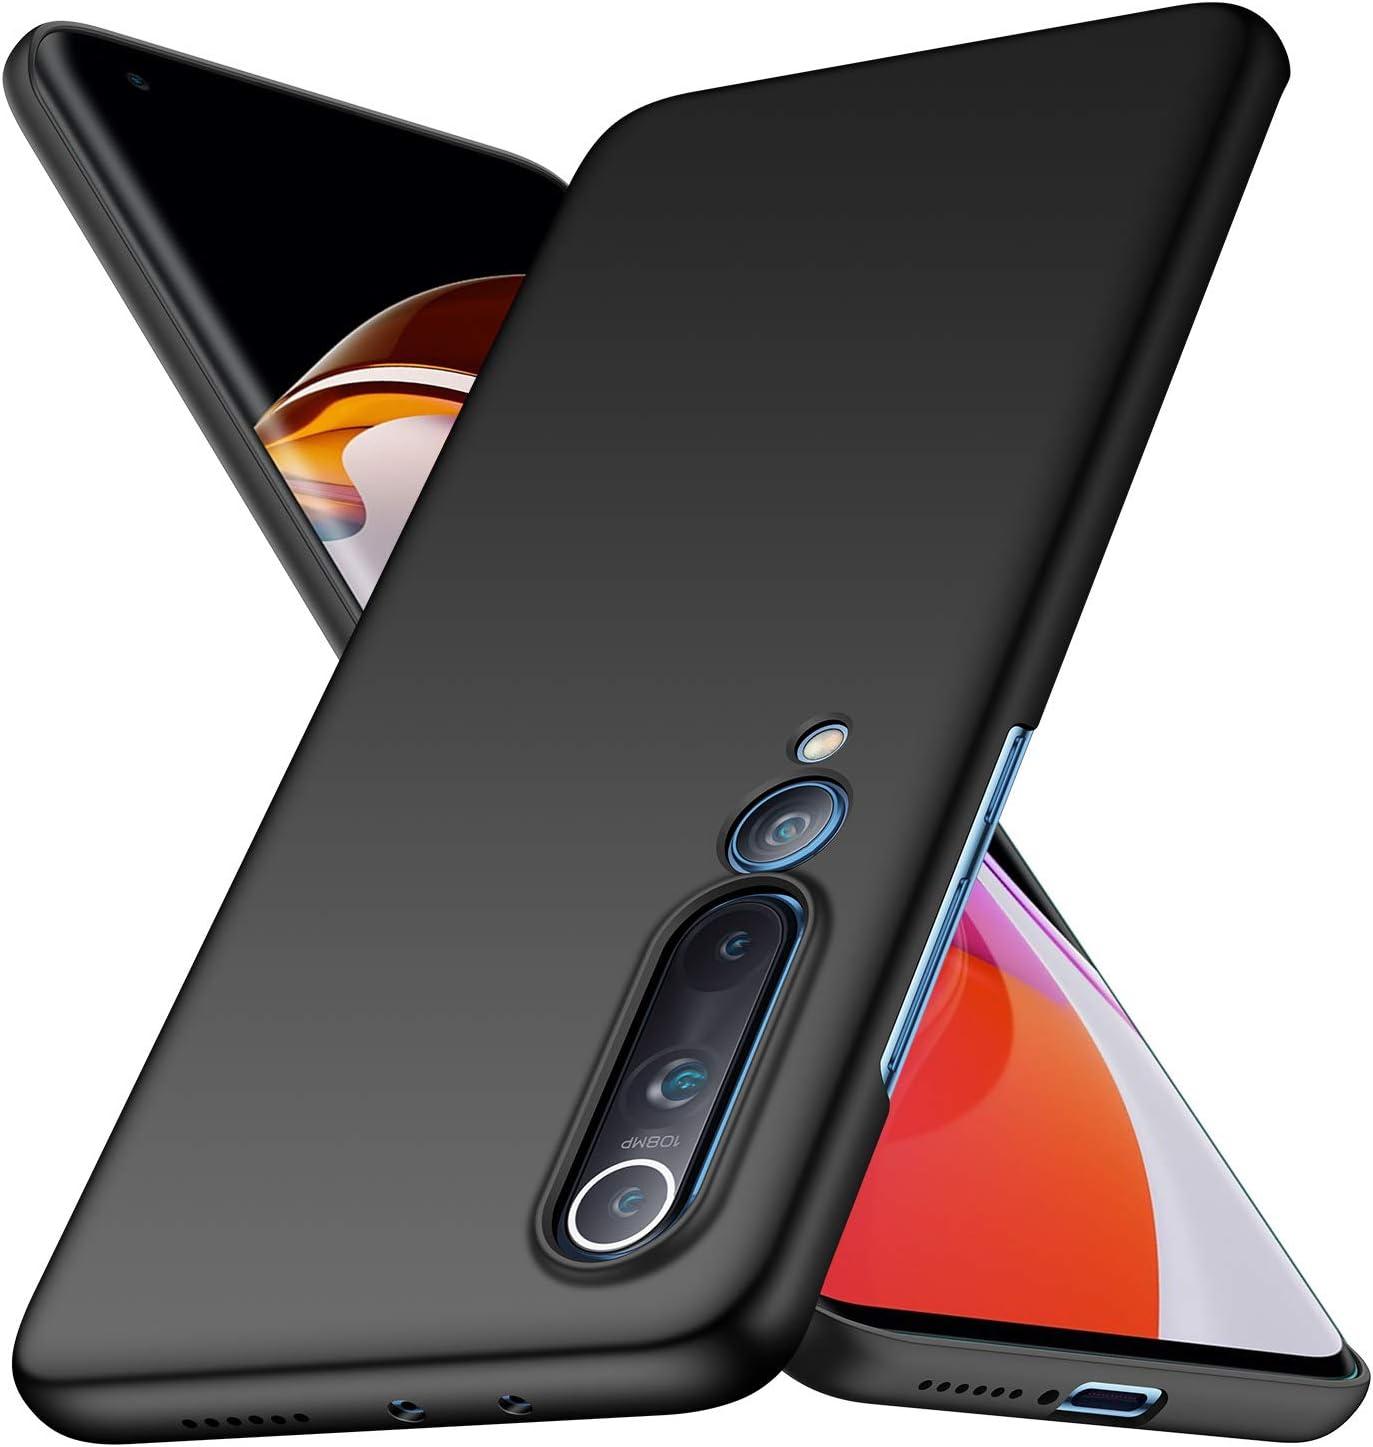 Avalri Funda Xiaomi Mi 10 5G Negro Dise/ño Minimalista Estuche R/ígido Ultra Delgado de PC a Prueba de Golpes Resistente a Rasgu/ños Cover para Xiaomi Mi 10 5G